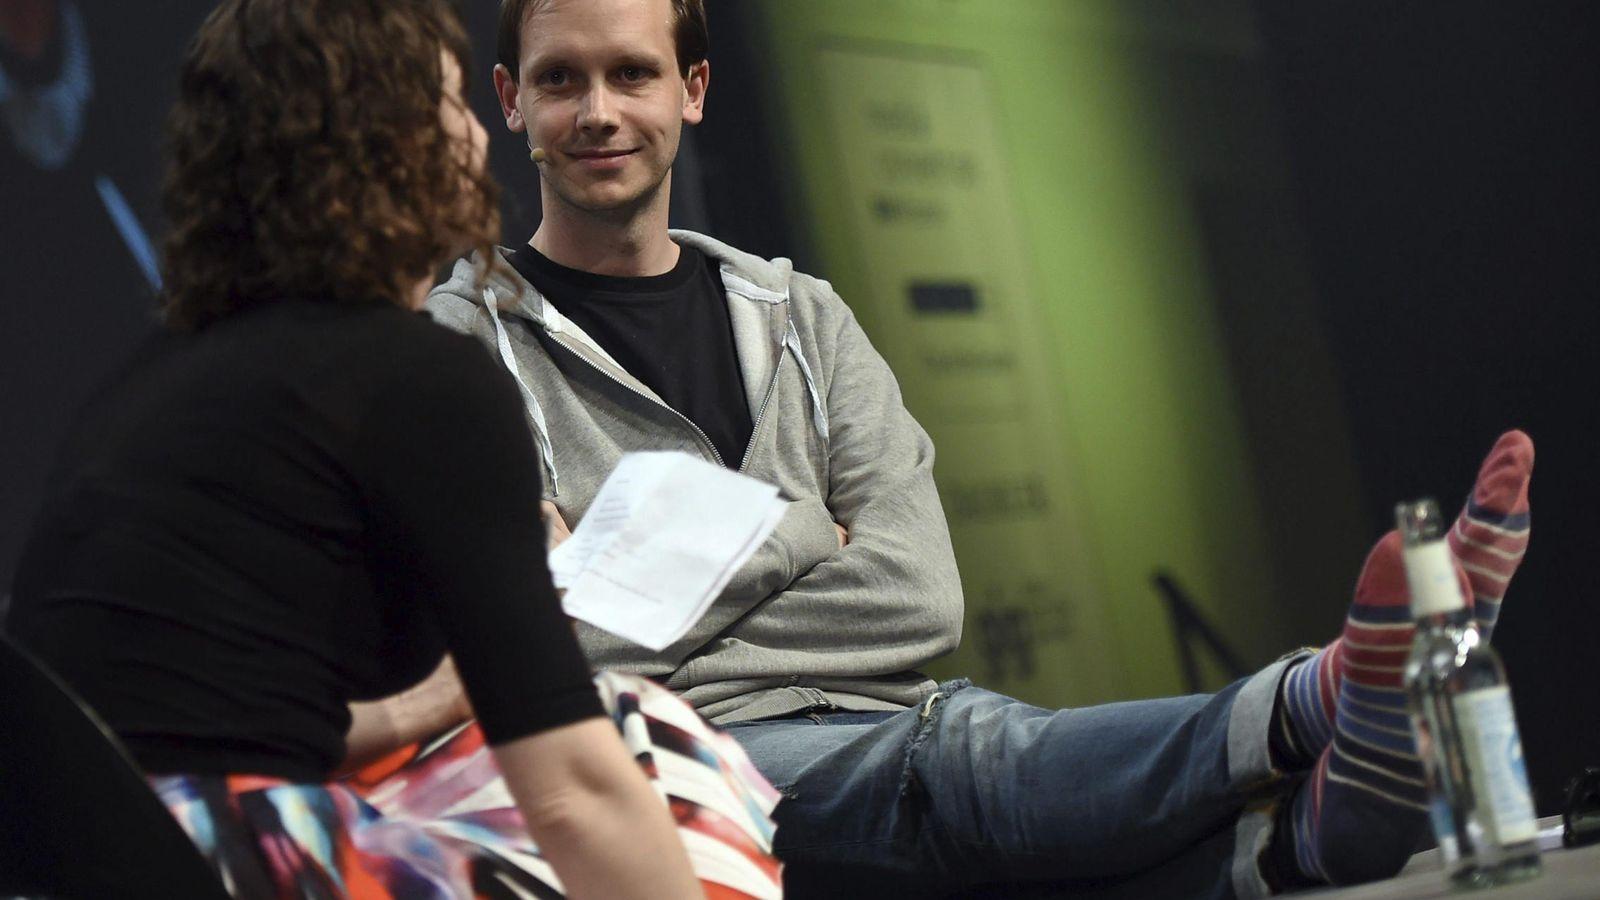 Foto: Sunde, en la conferencia Re:Publica celebrada en Berlín en 2015. (EFE)